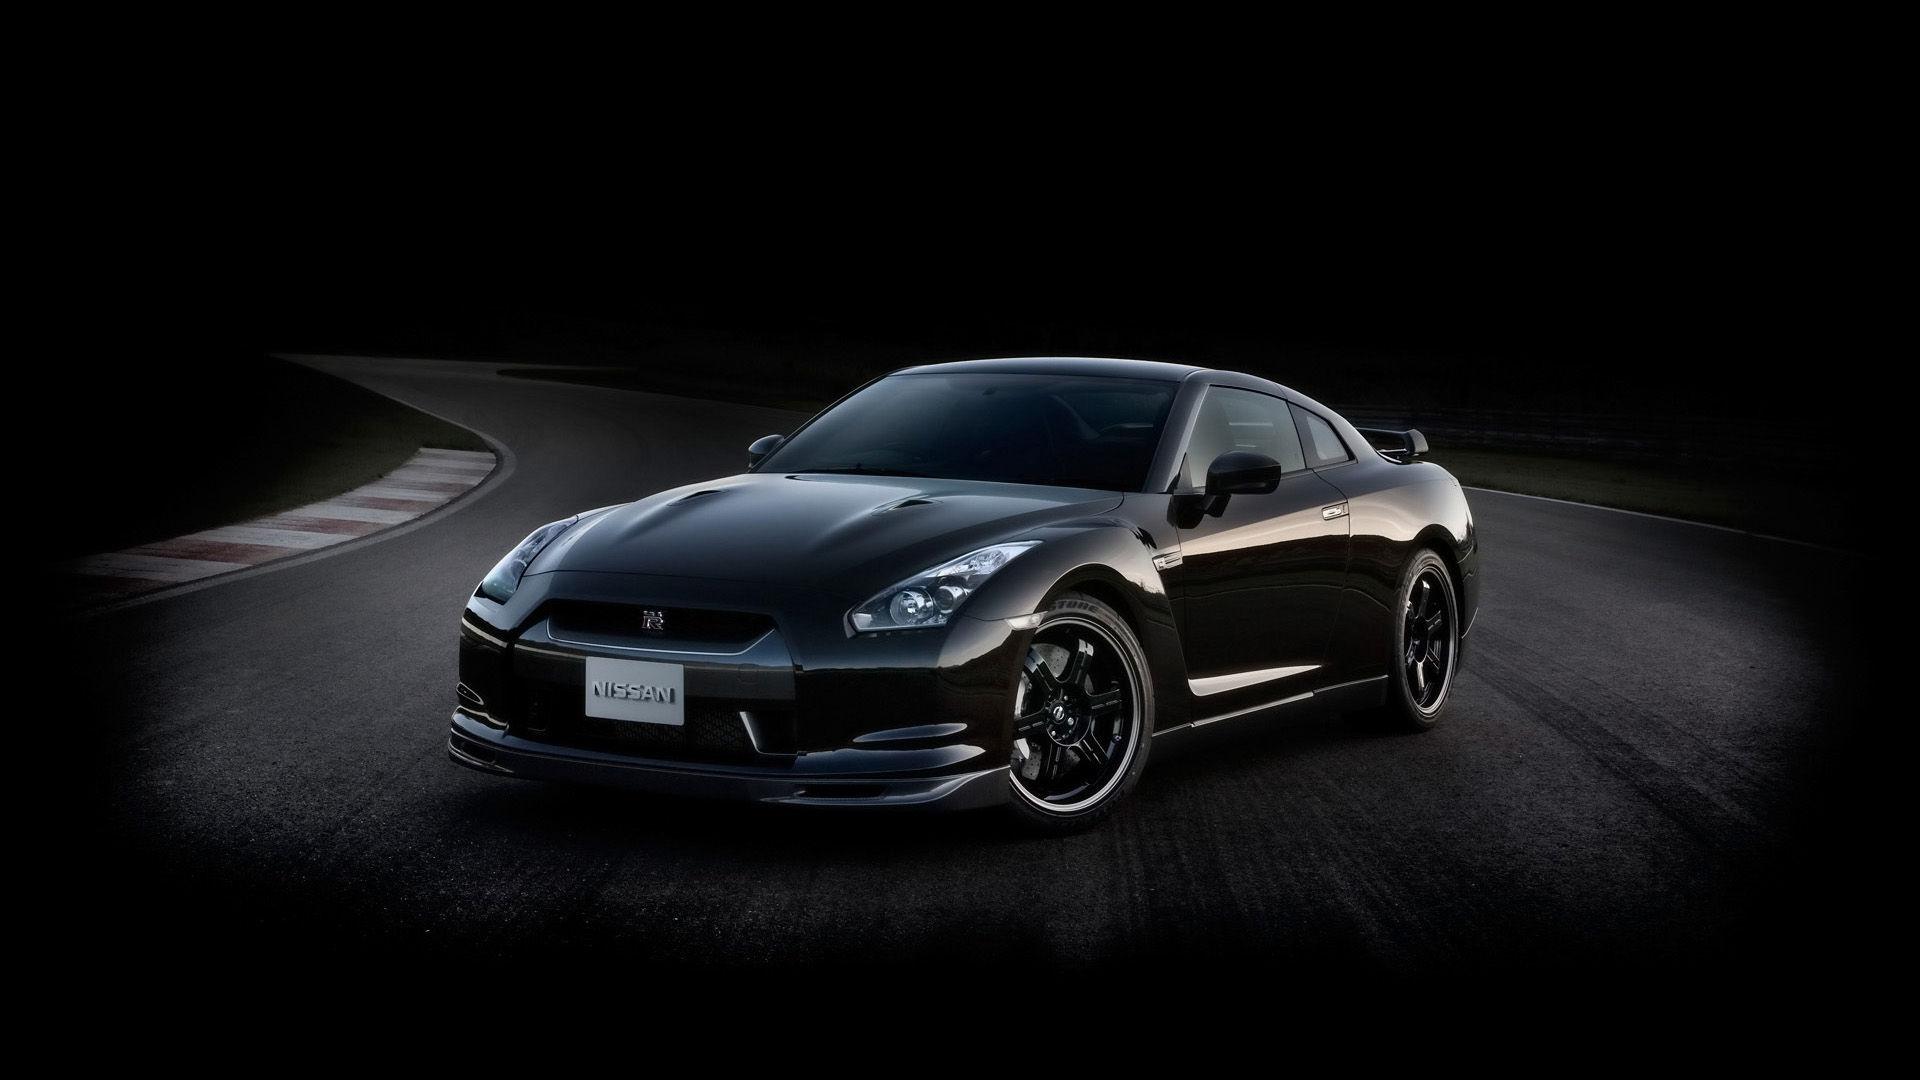 2010 Nissan GT-R Spec V